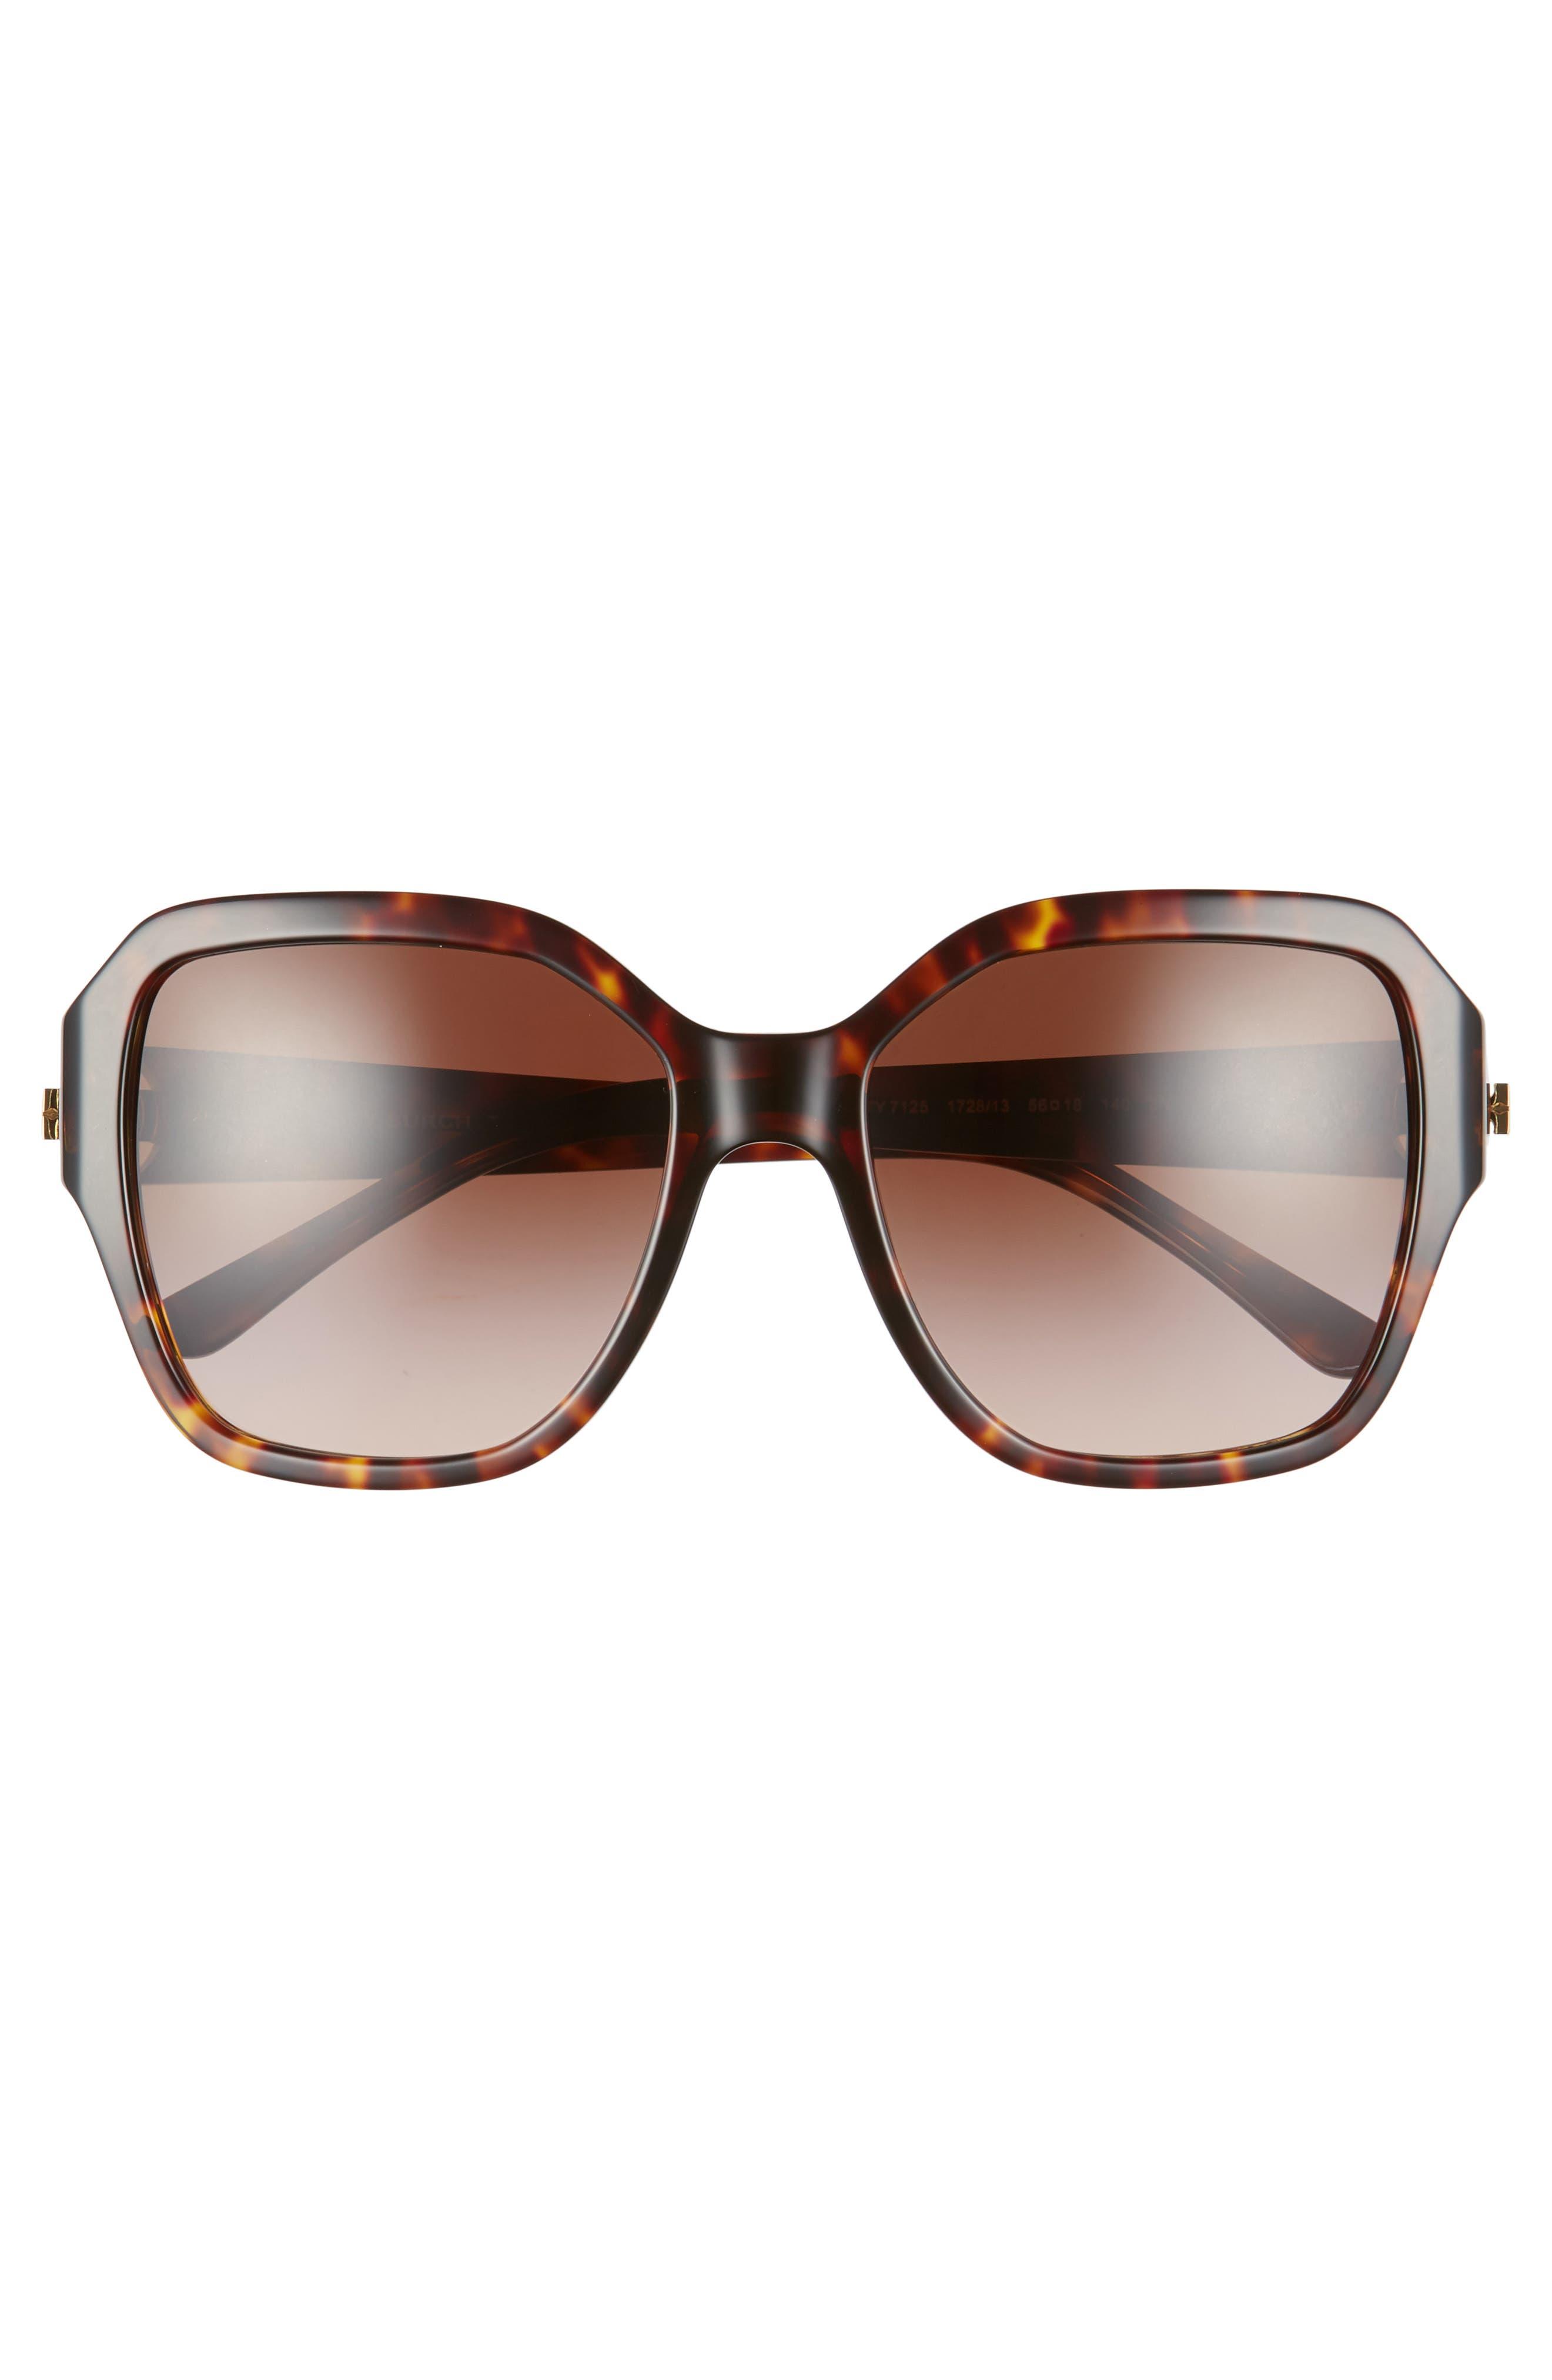 Reva 56mm Square Sunglasses,                             Alternate thumbnail 3, color,                             212